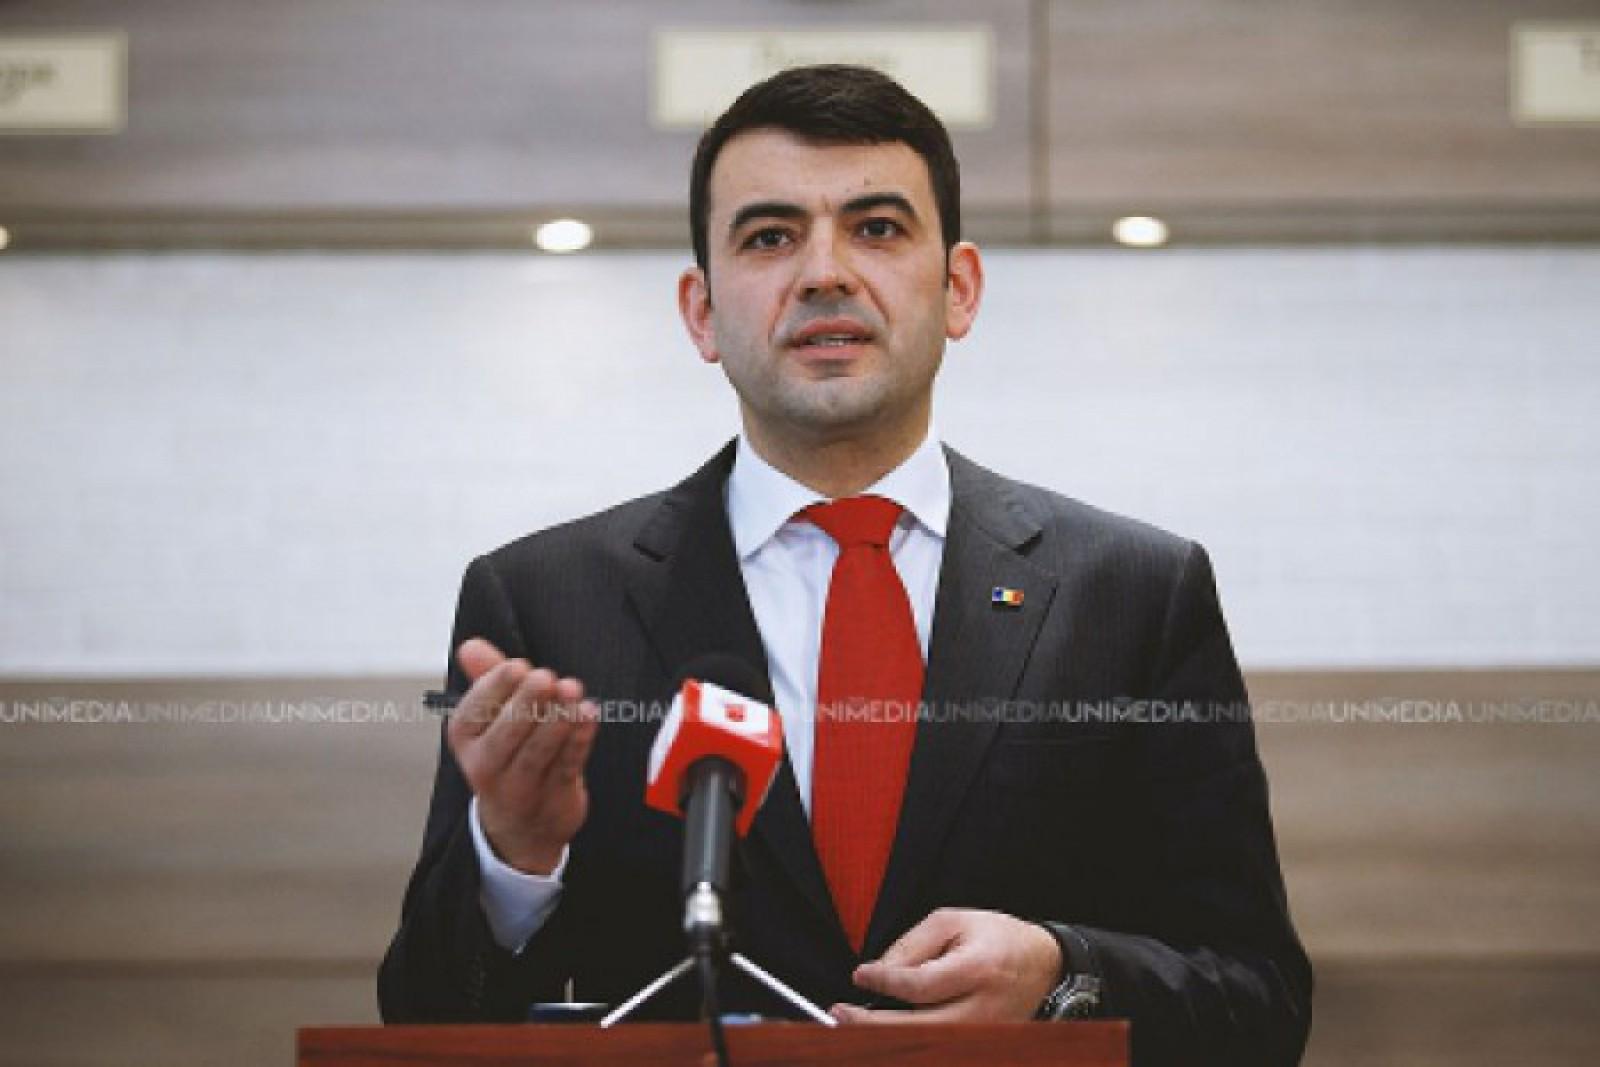 Gaburici nu dorește să dea comentarii jurnaliștilor la întrebarea despre cele două examene de Bacalaureat la care nu a fost prezent